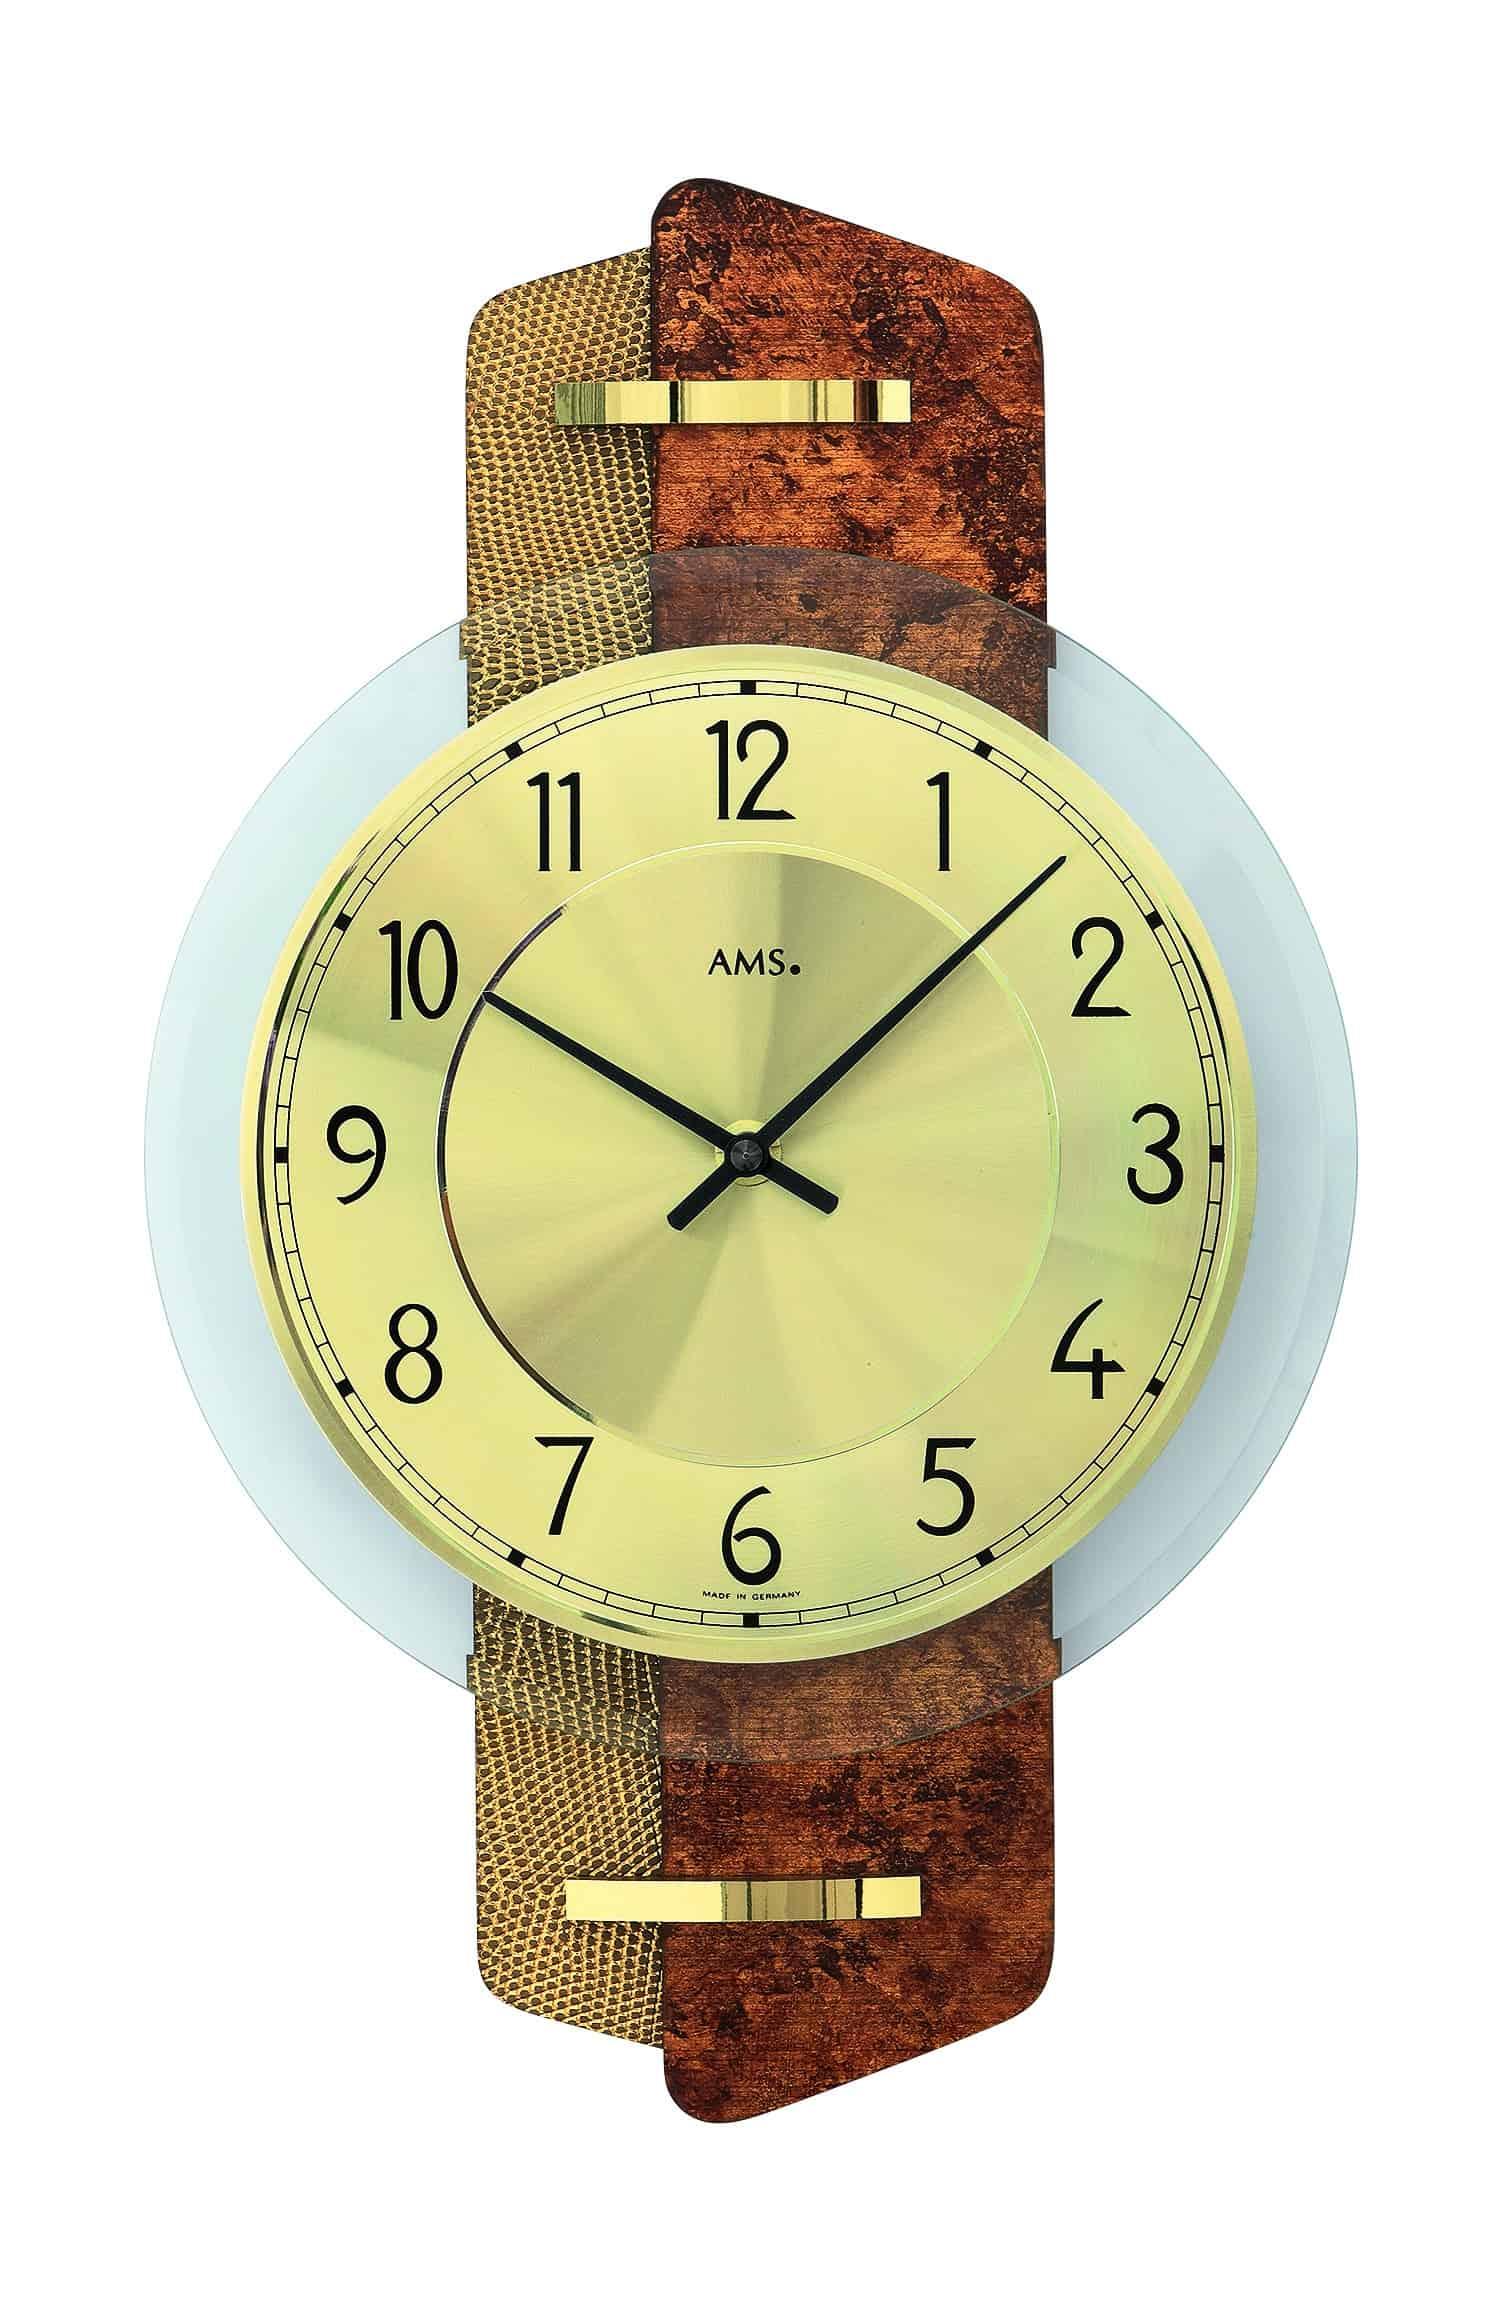 Amazon.com: ams wall clock